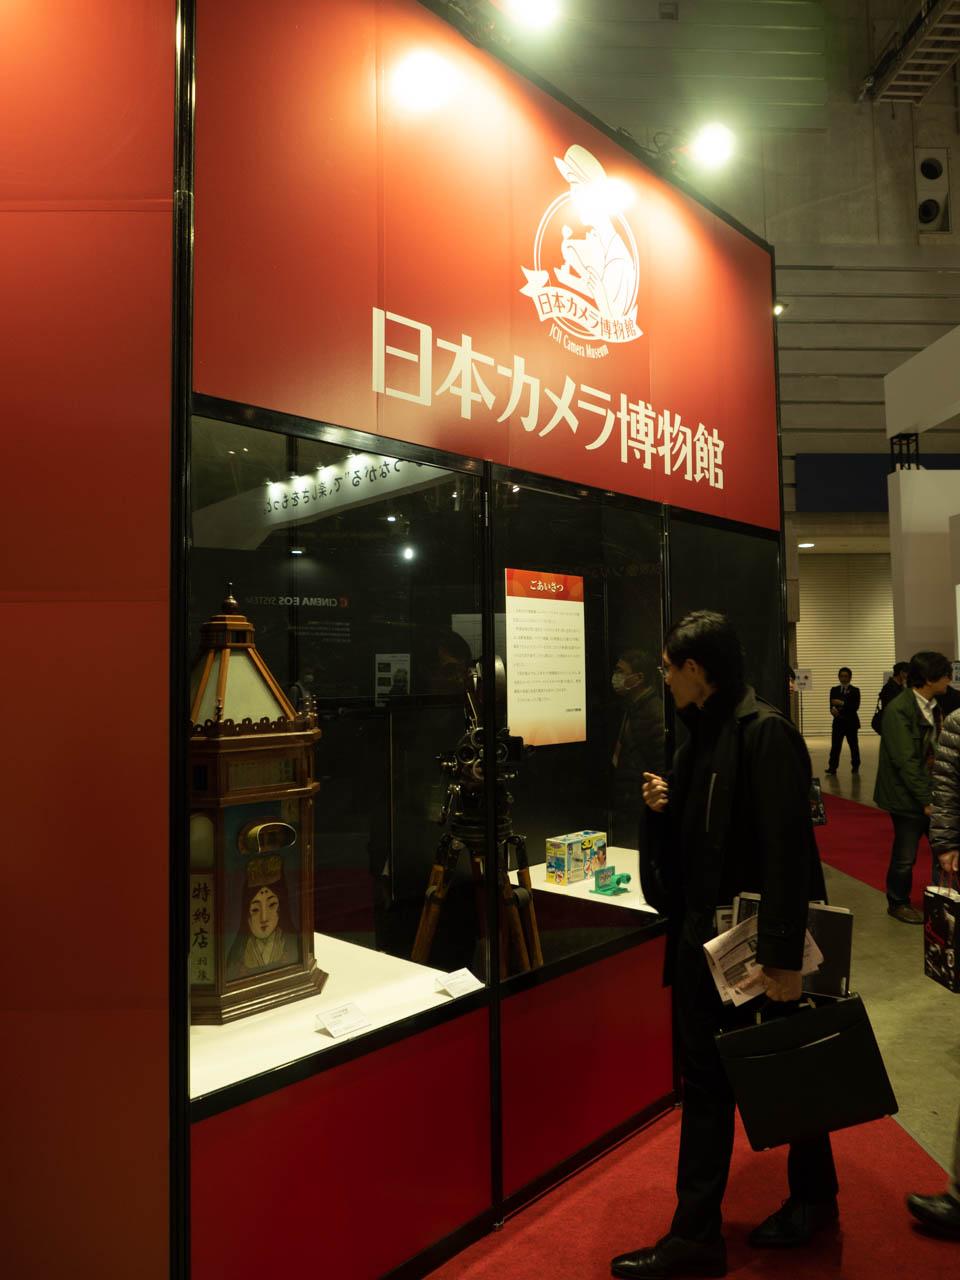 カメラ博物館の展示